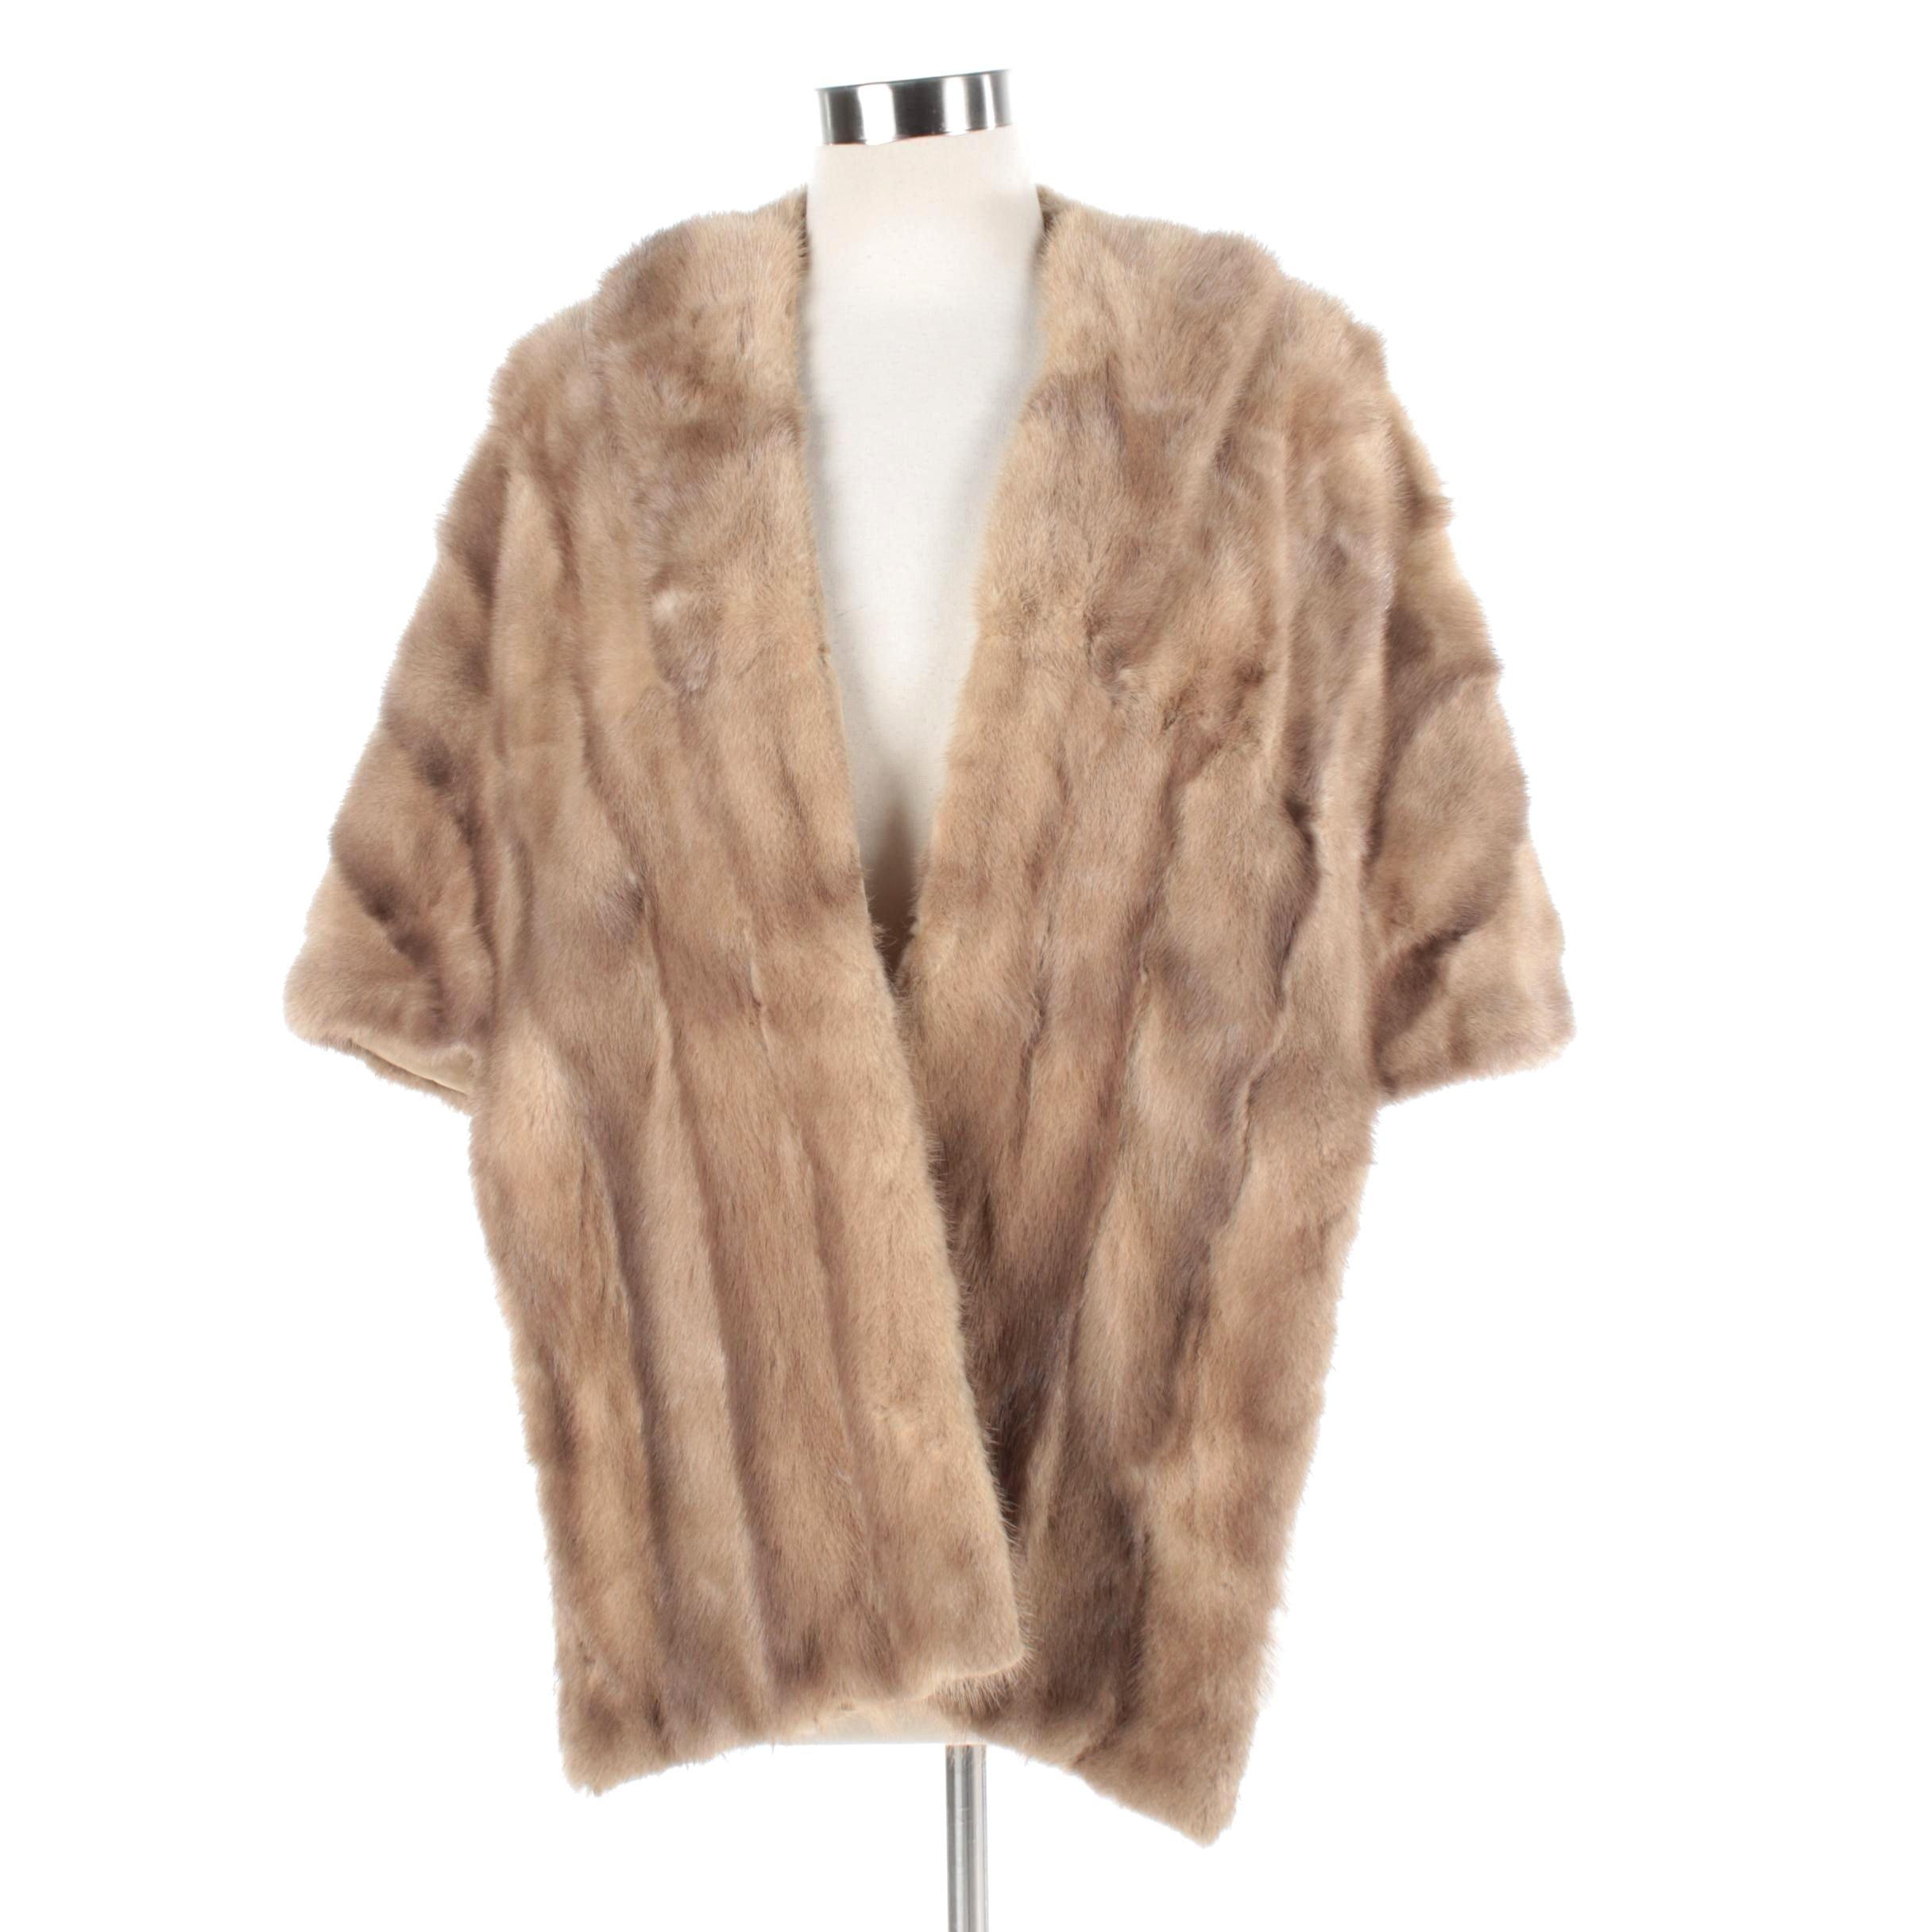 Women's Vintage Mink Fur Stole